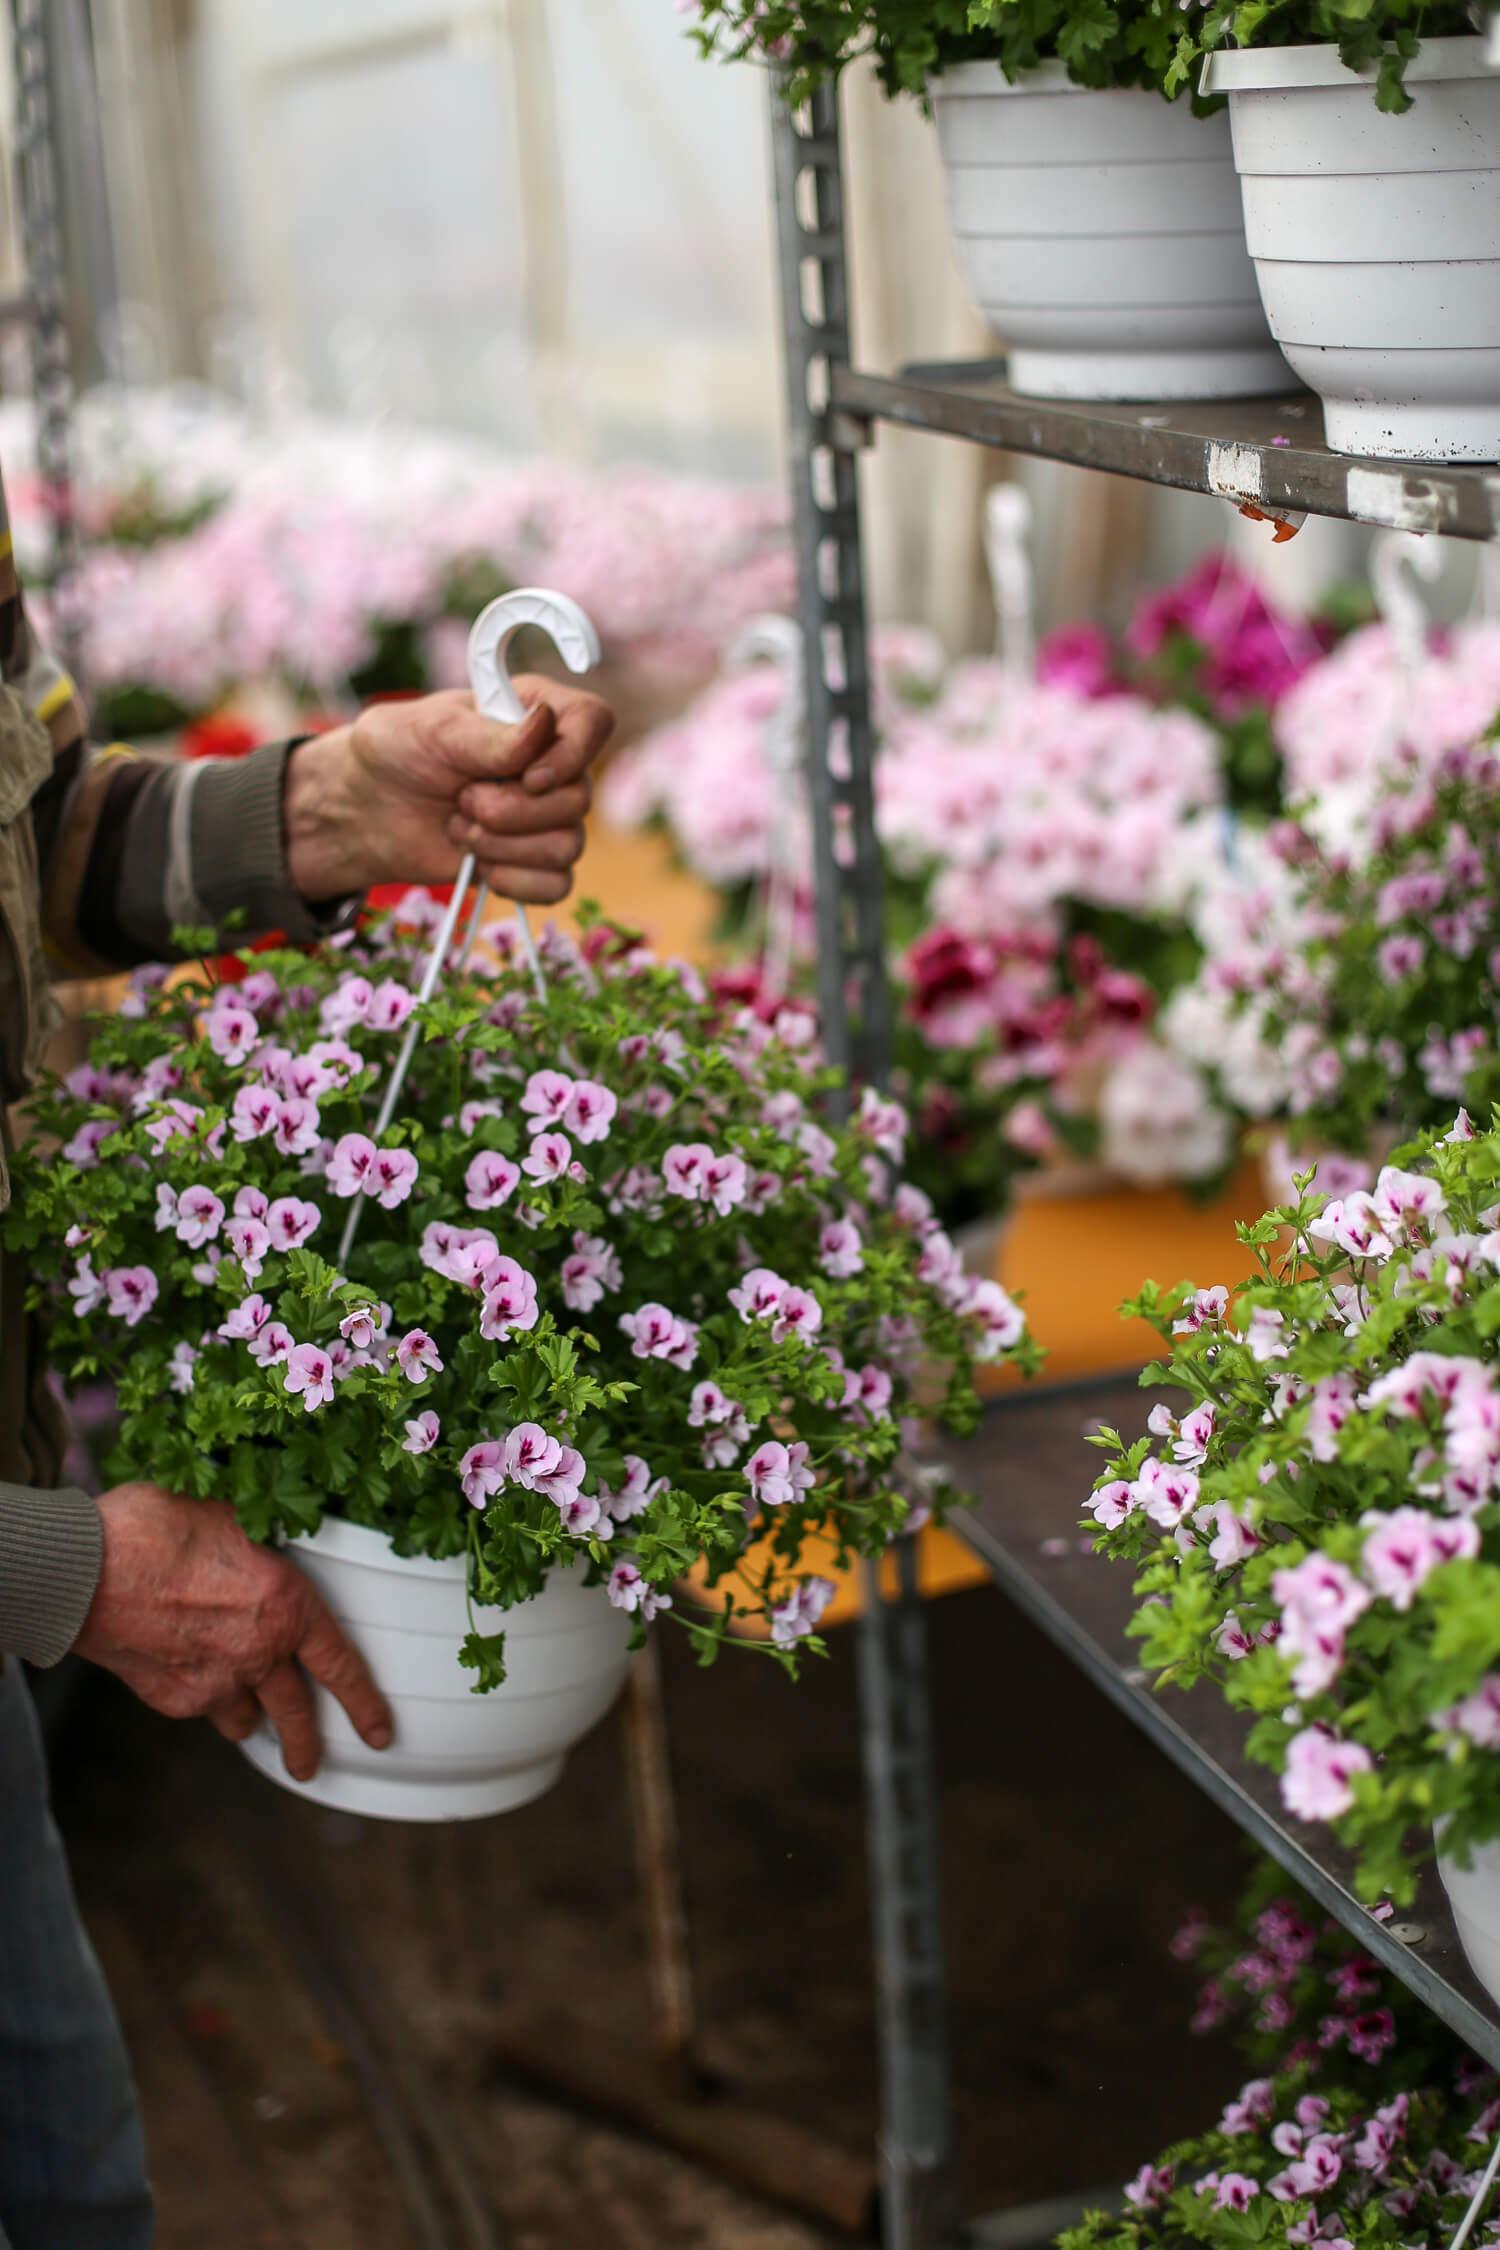 Englantilainen pelargonia muistuttaa kukaltaan hiukan orvokkia.